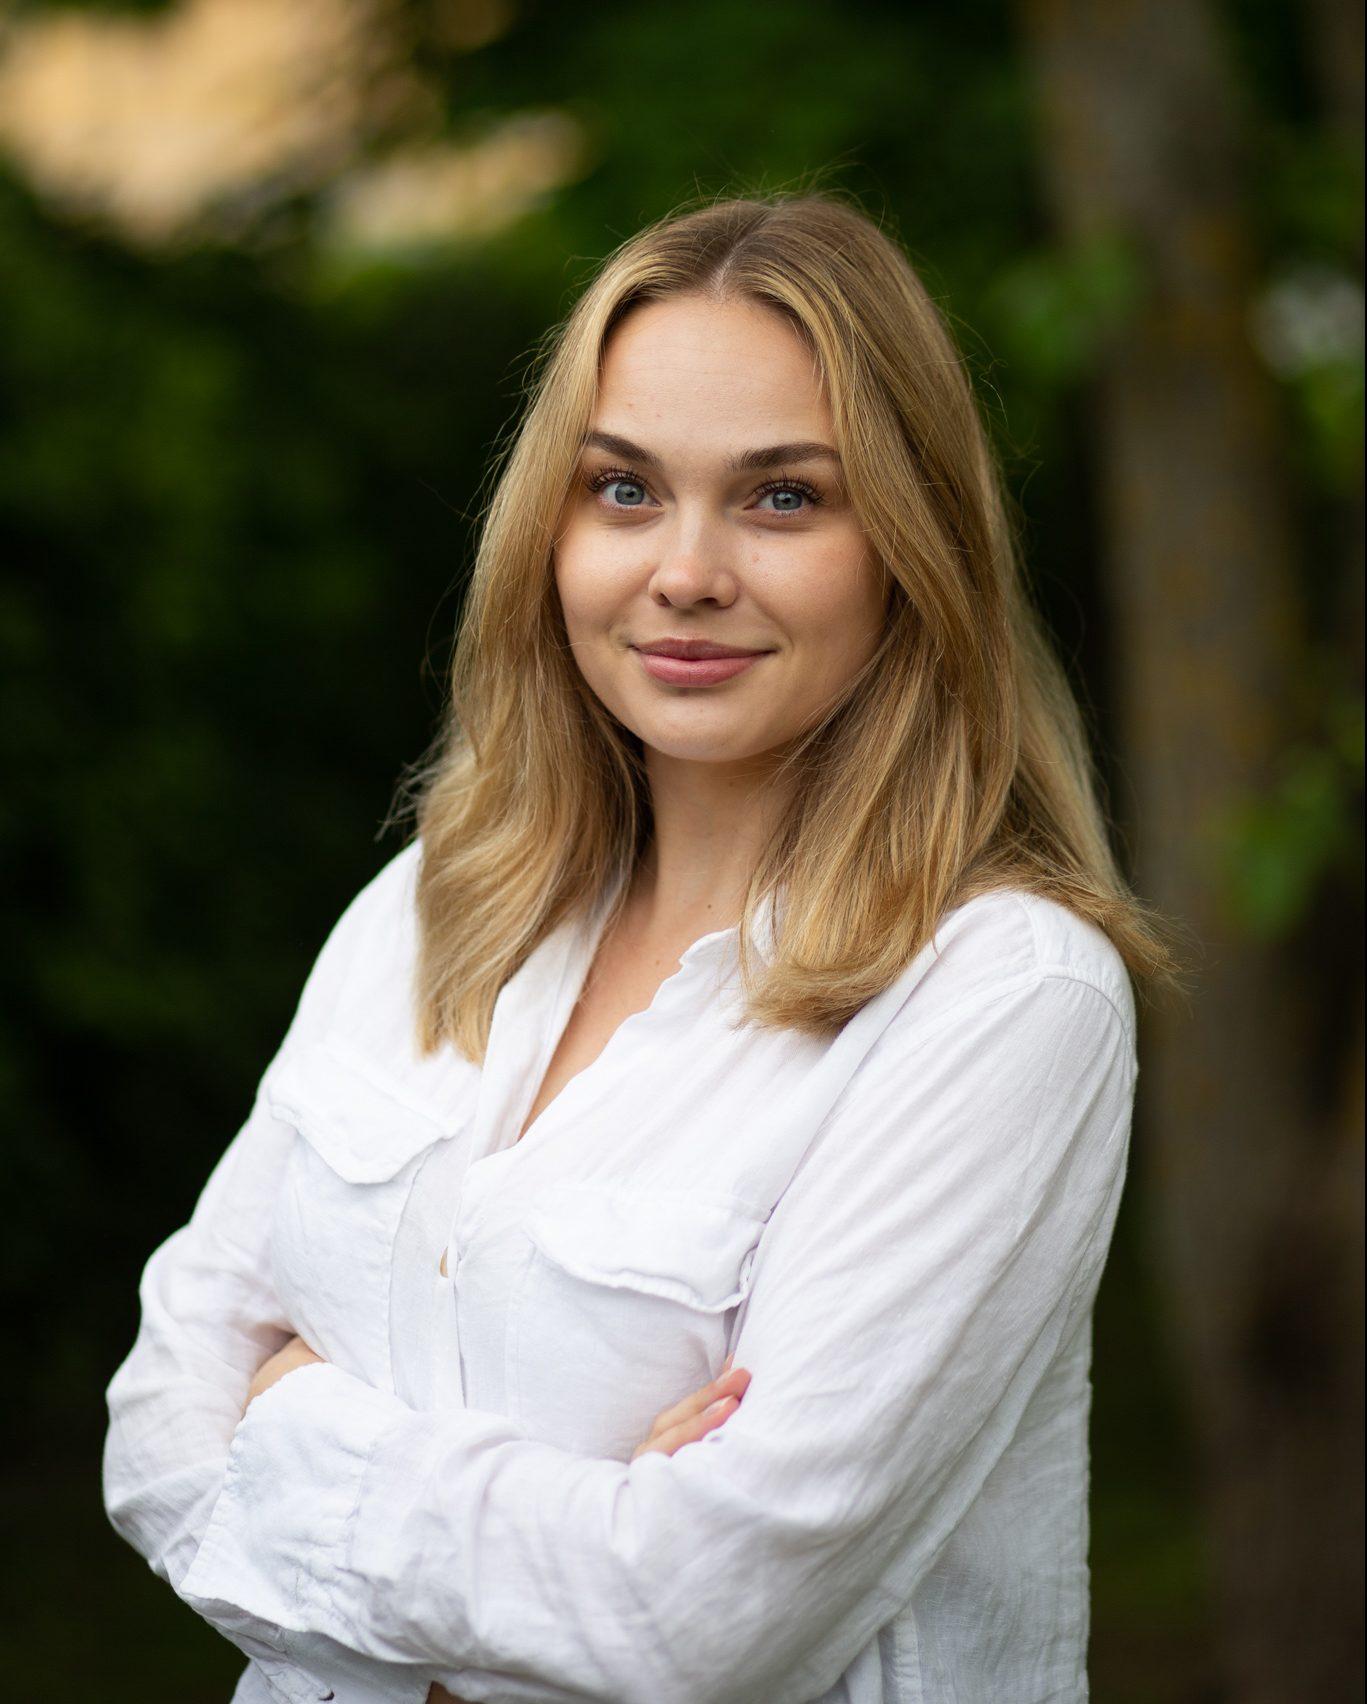 Mathilda Kull är vår nya kommunikatör featured image